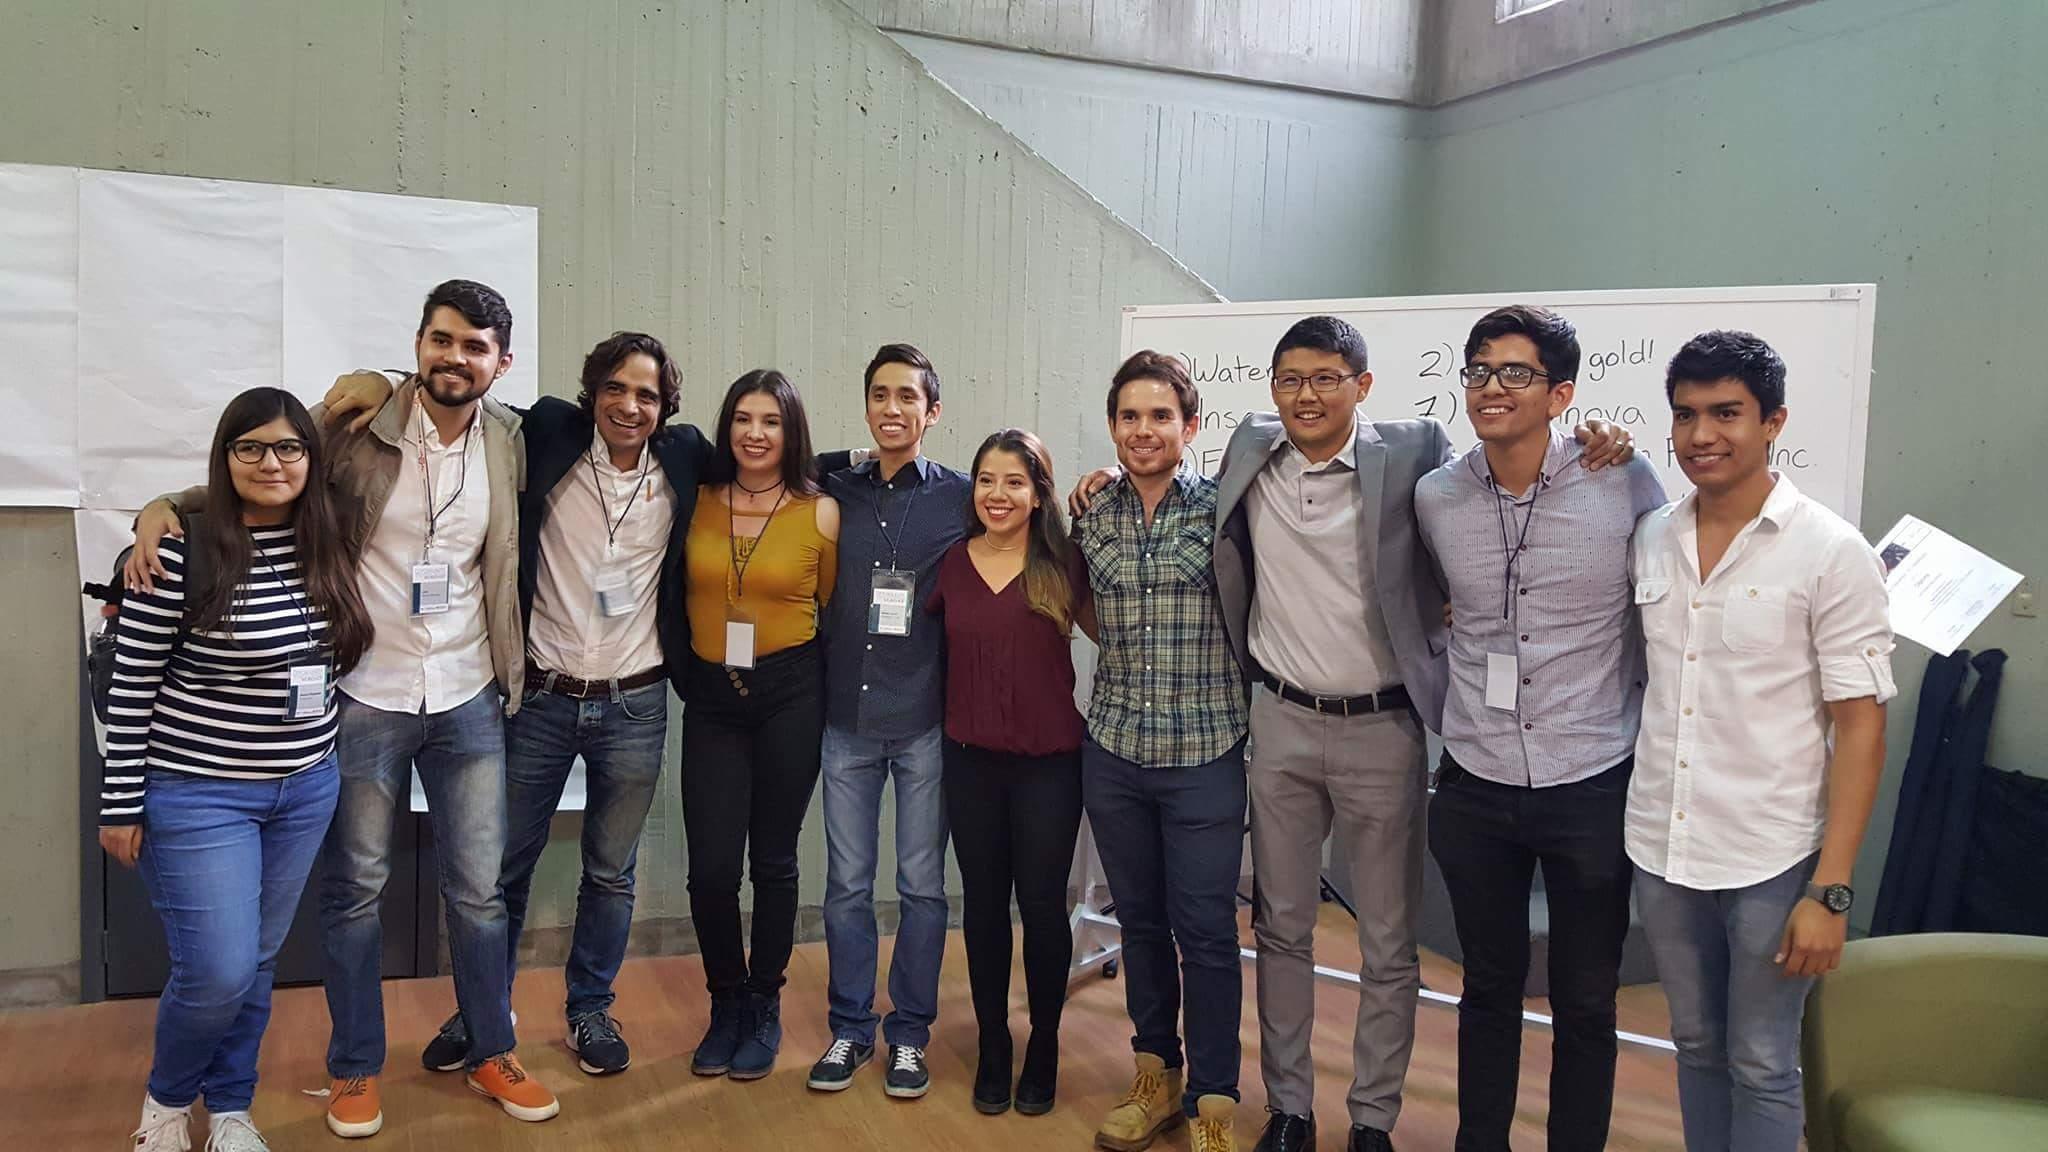 Equipo ganador de estudiantes del CUCS y sus mentores